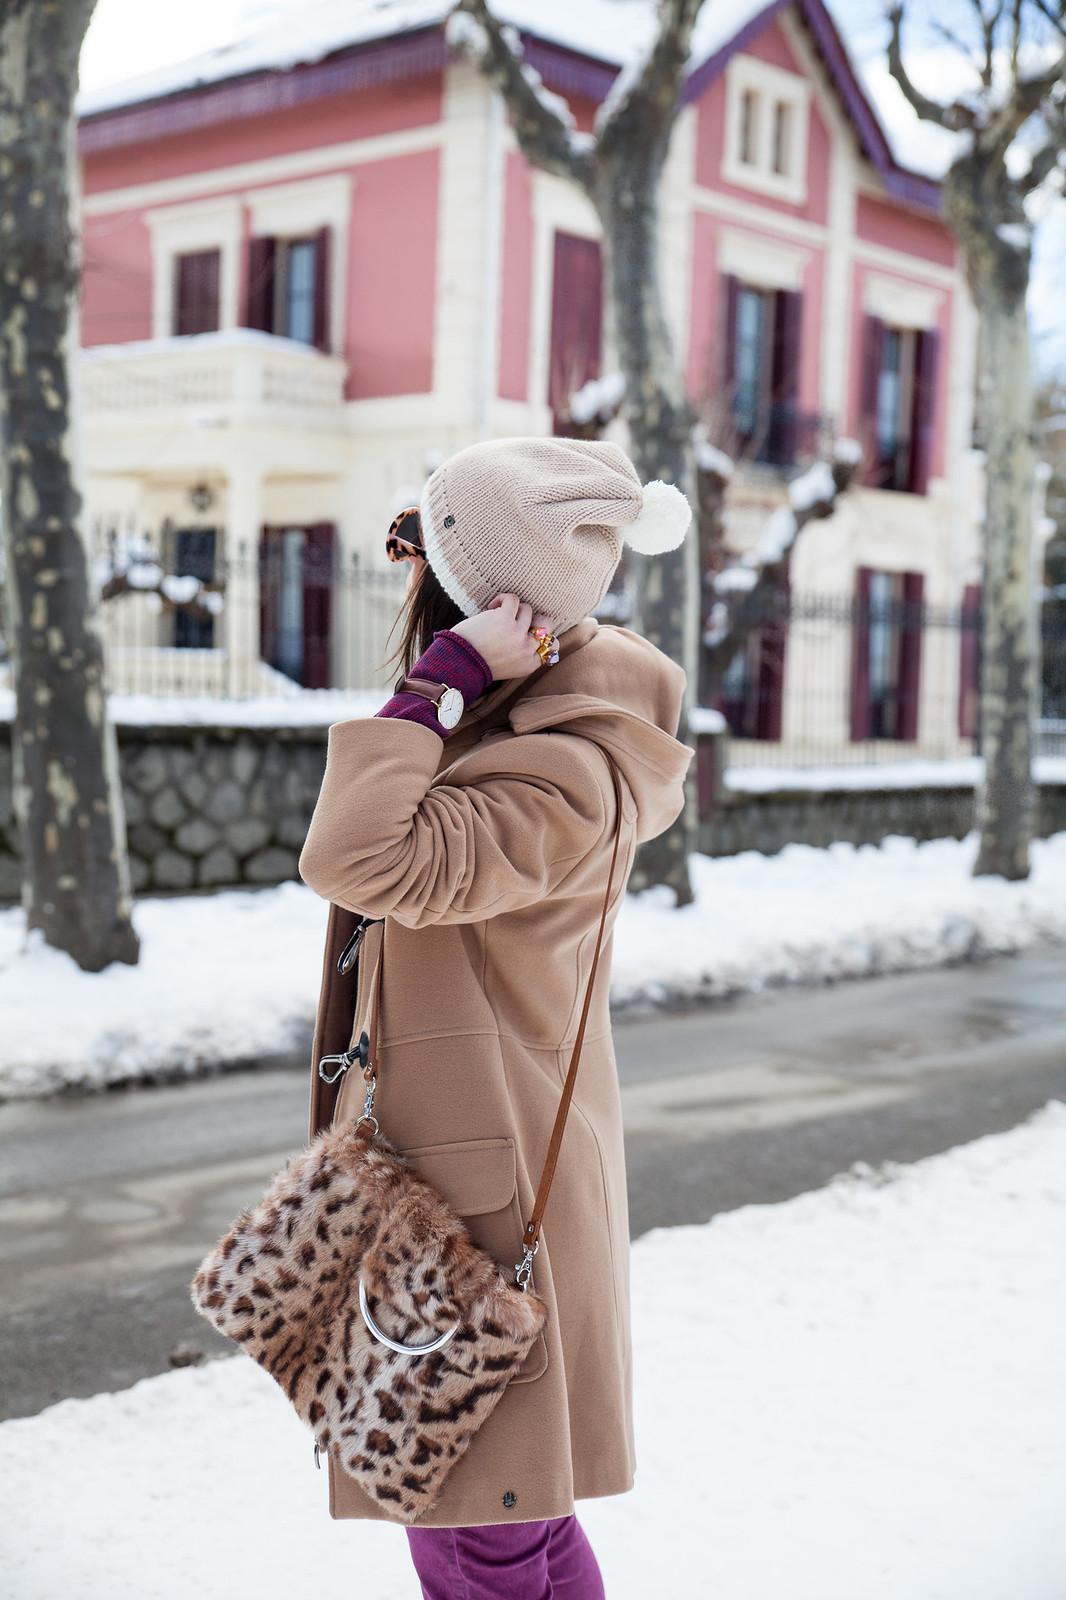 como ir vestida a la nieve arreglada con un look magenta abrigo en color nude estilo parka mou boots theguestgirl the guest girl fashion influencer barcelona parfois streetstyle fashion week cluse watches